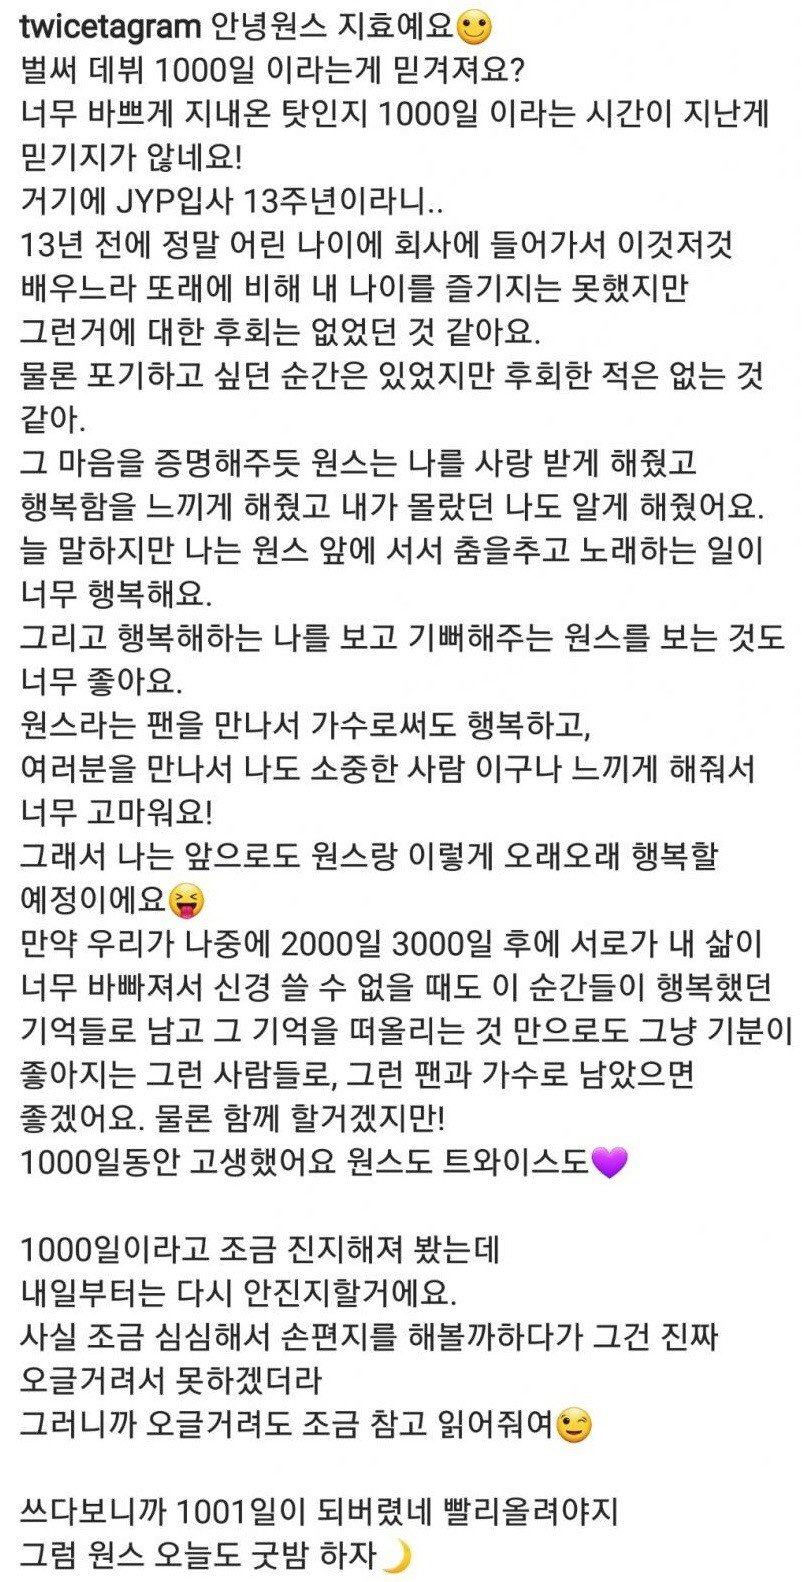 180716 트와이스 인스타그램 틋스타 지효-데뷔 1000일 기념 편지 (2).jpg